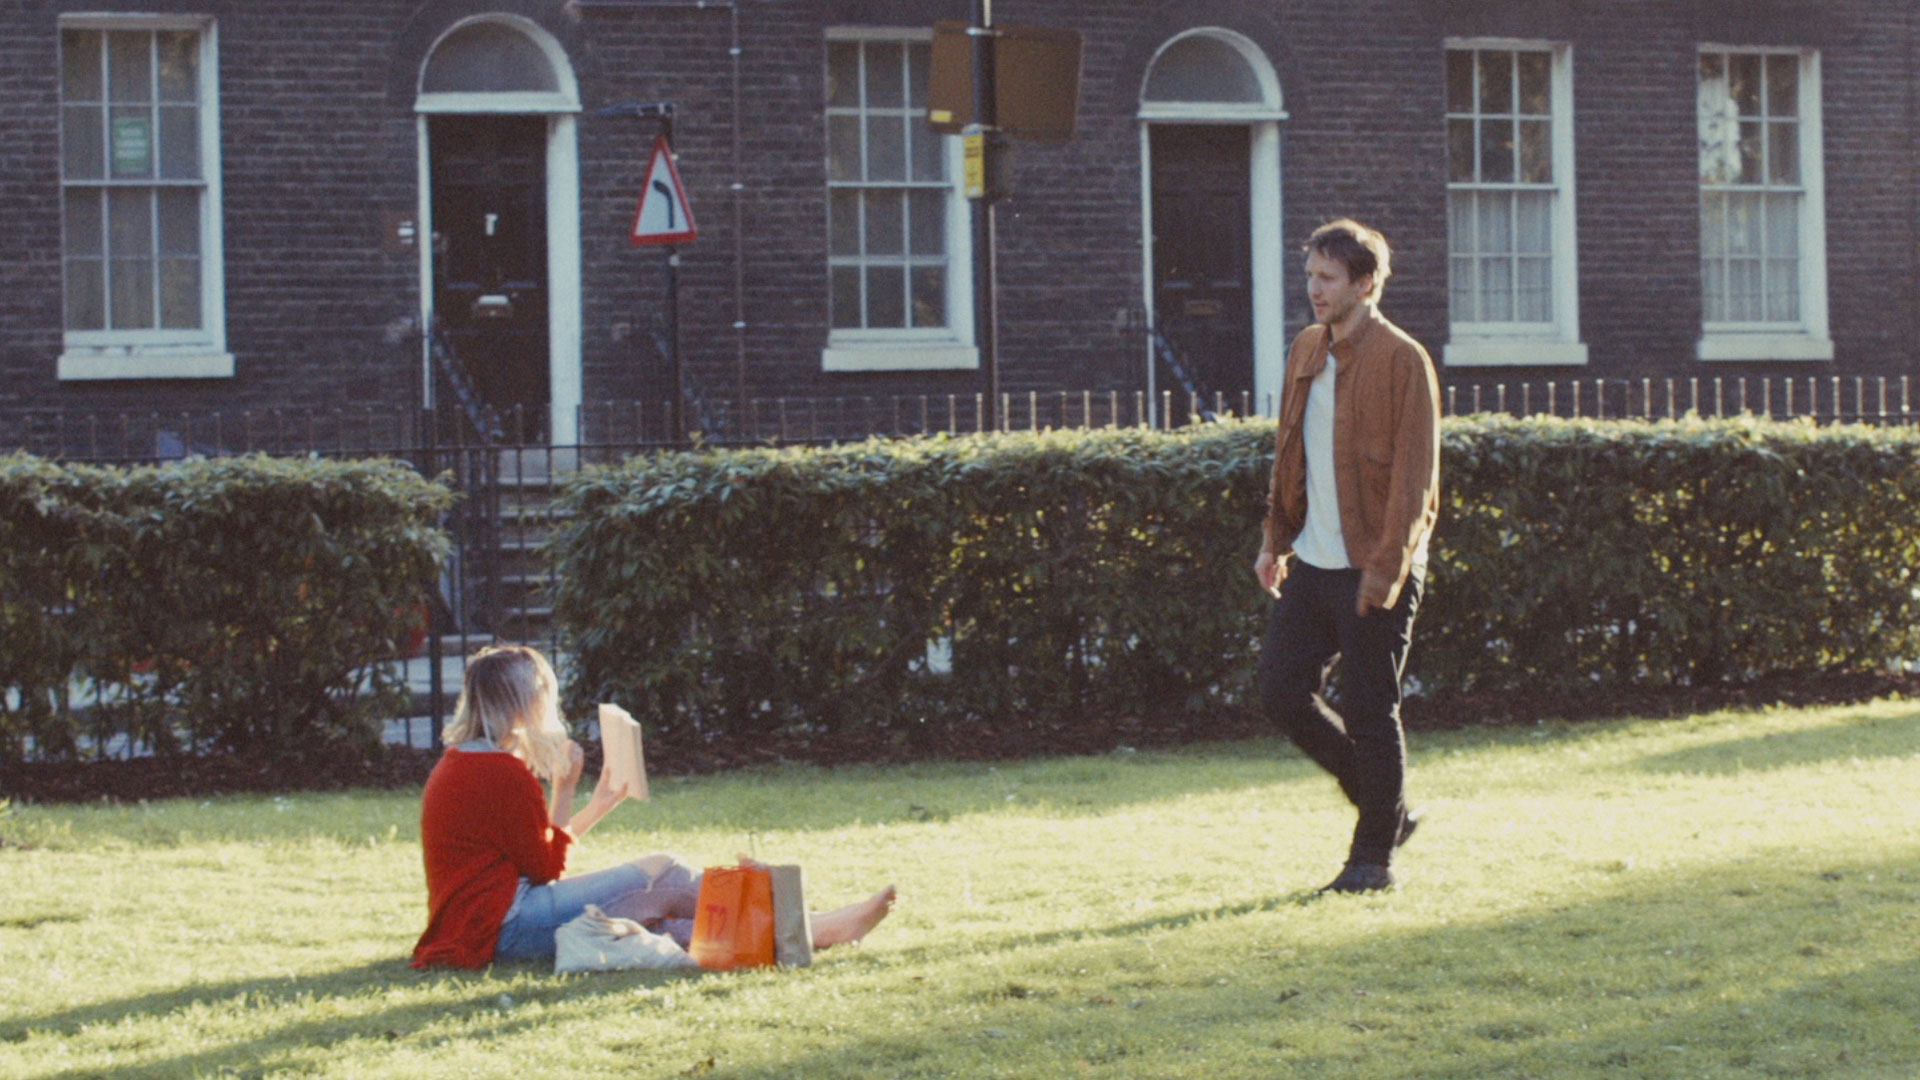 Still from short film OFFLINE-DATING by Samuel Abrahams